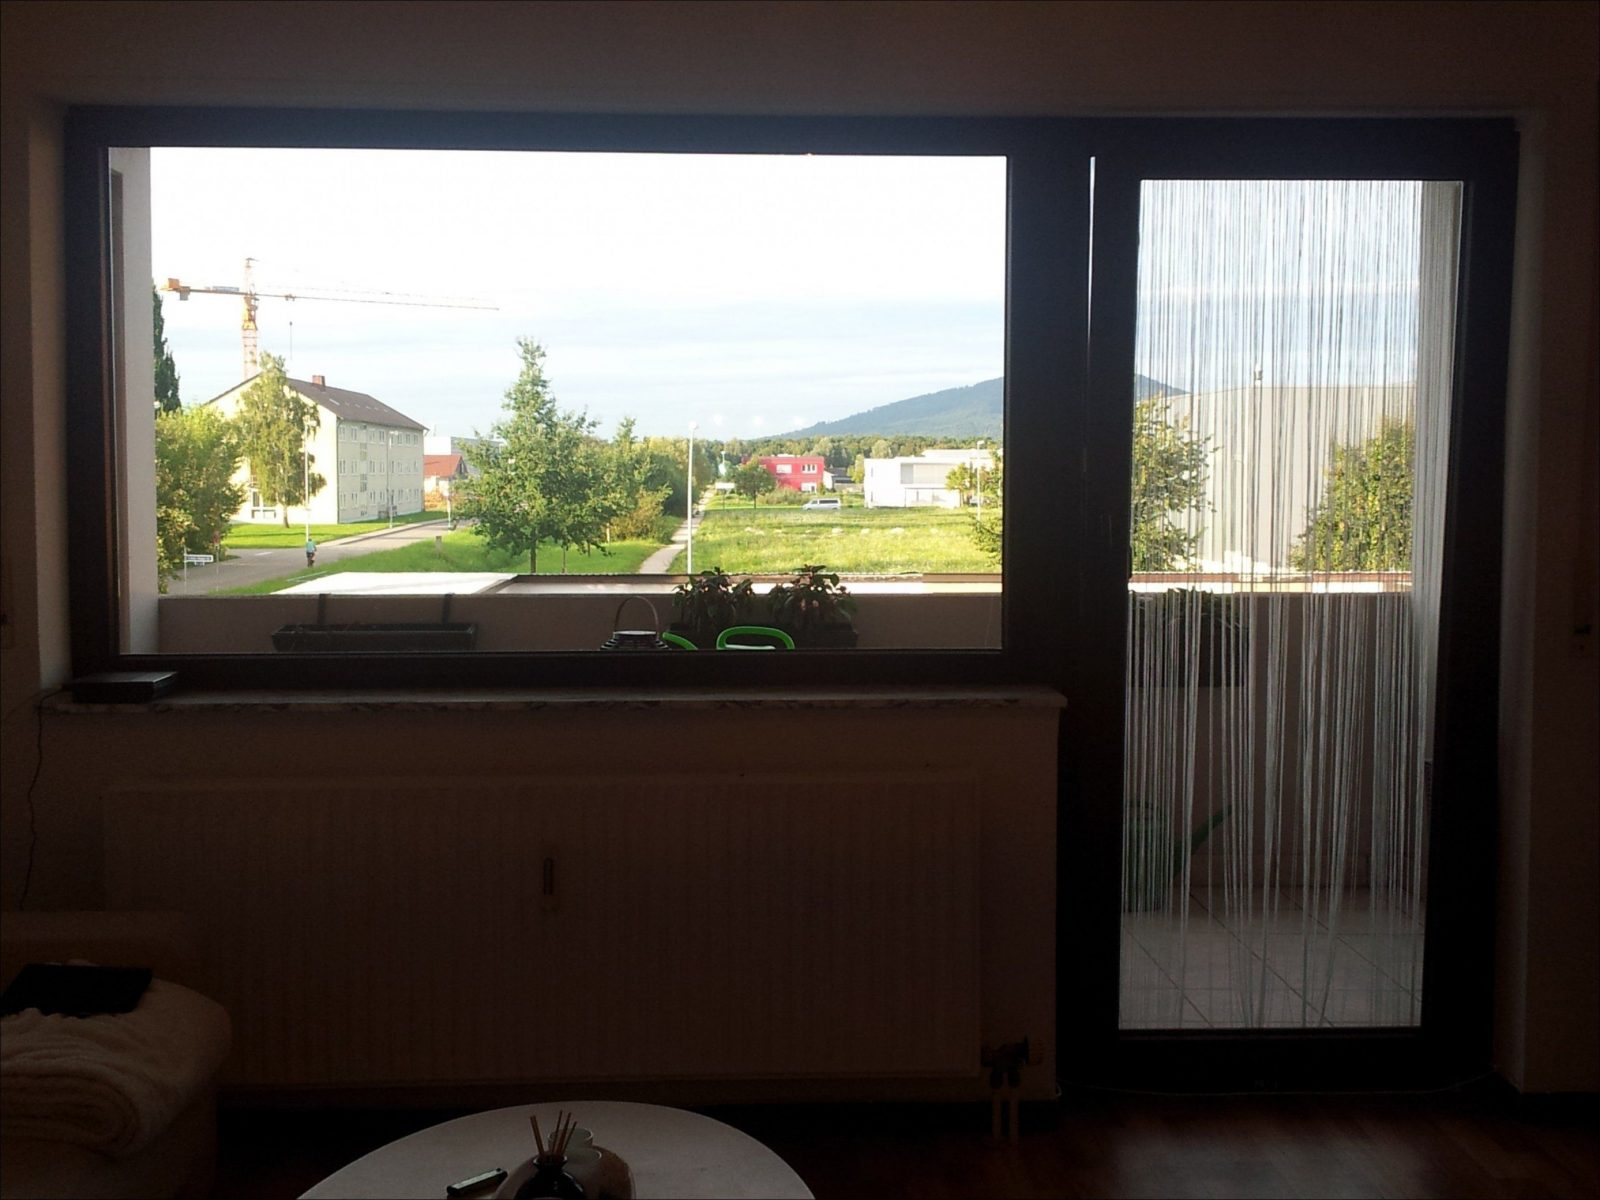 Gardinen Trefflich Gardinen Für Großes Fenster Mit Balkontür von Gardinen Für Wohnzimmer Mit Balkontür Bild